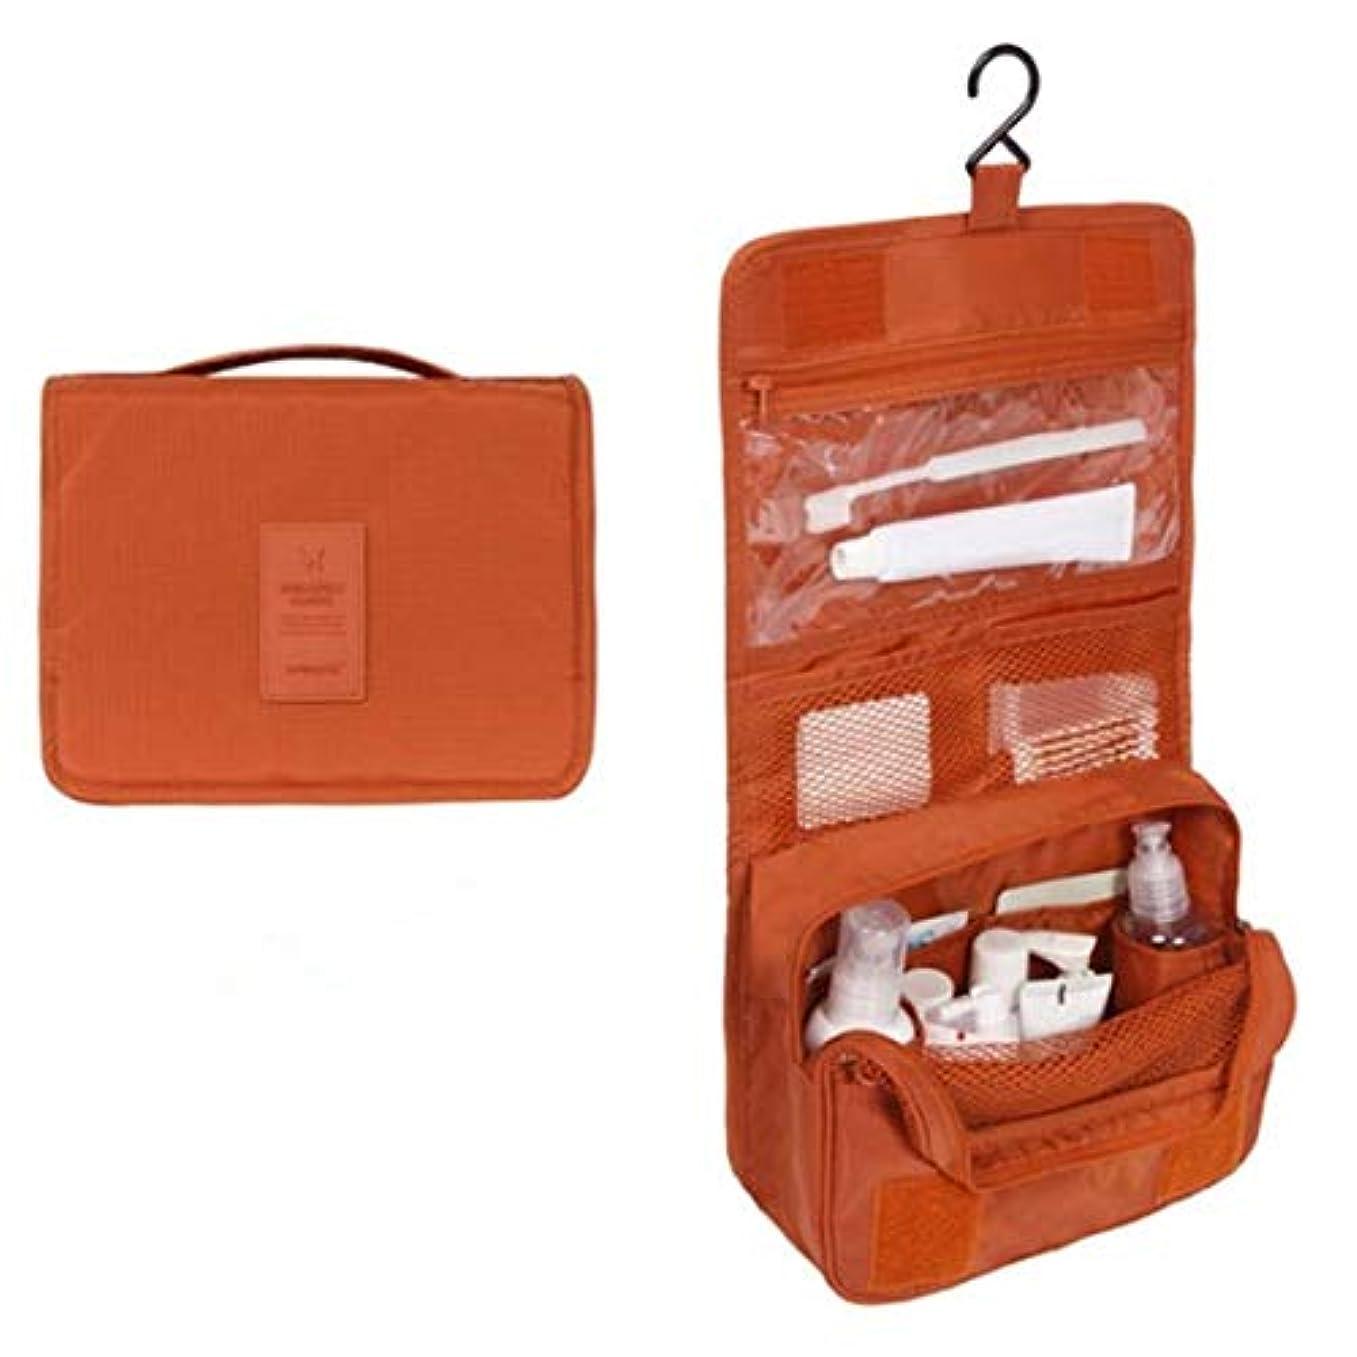 急流疫病直面するYoshilimen 防水ベジタリアンメイクアップトートバッグ化粧品バッグ(None Picture Color)